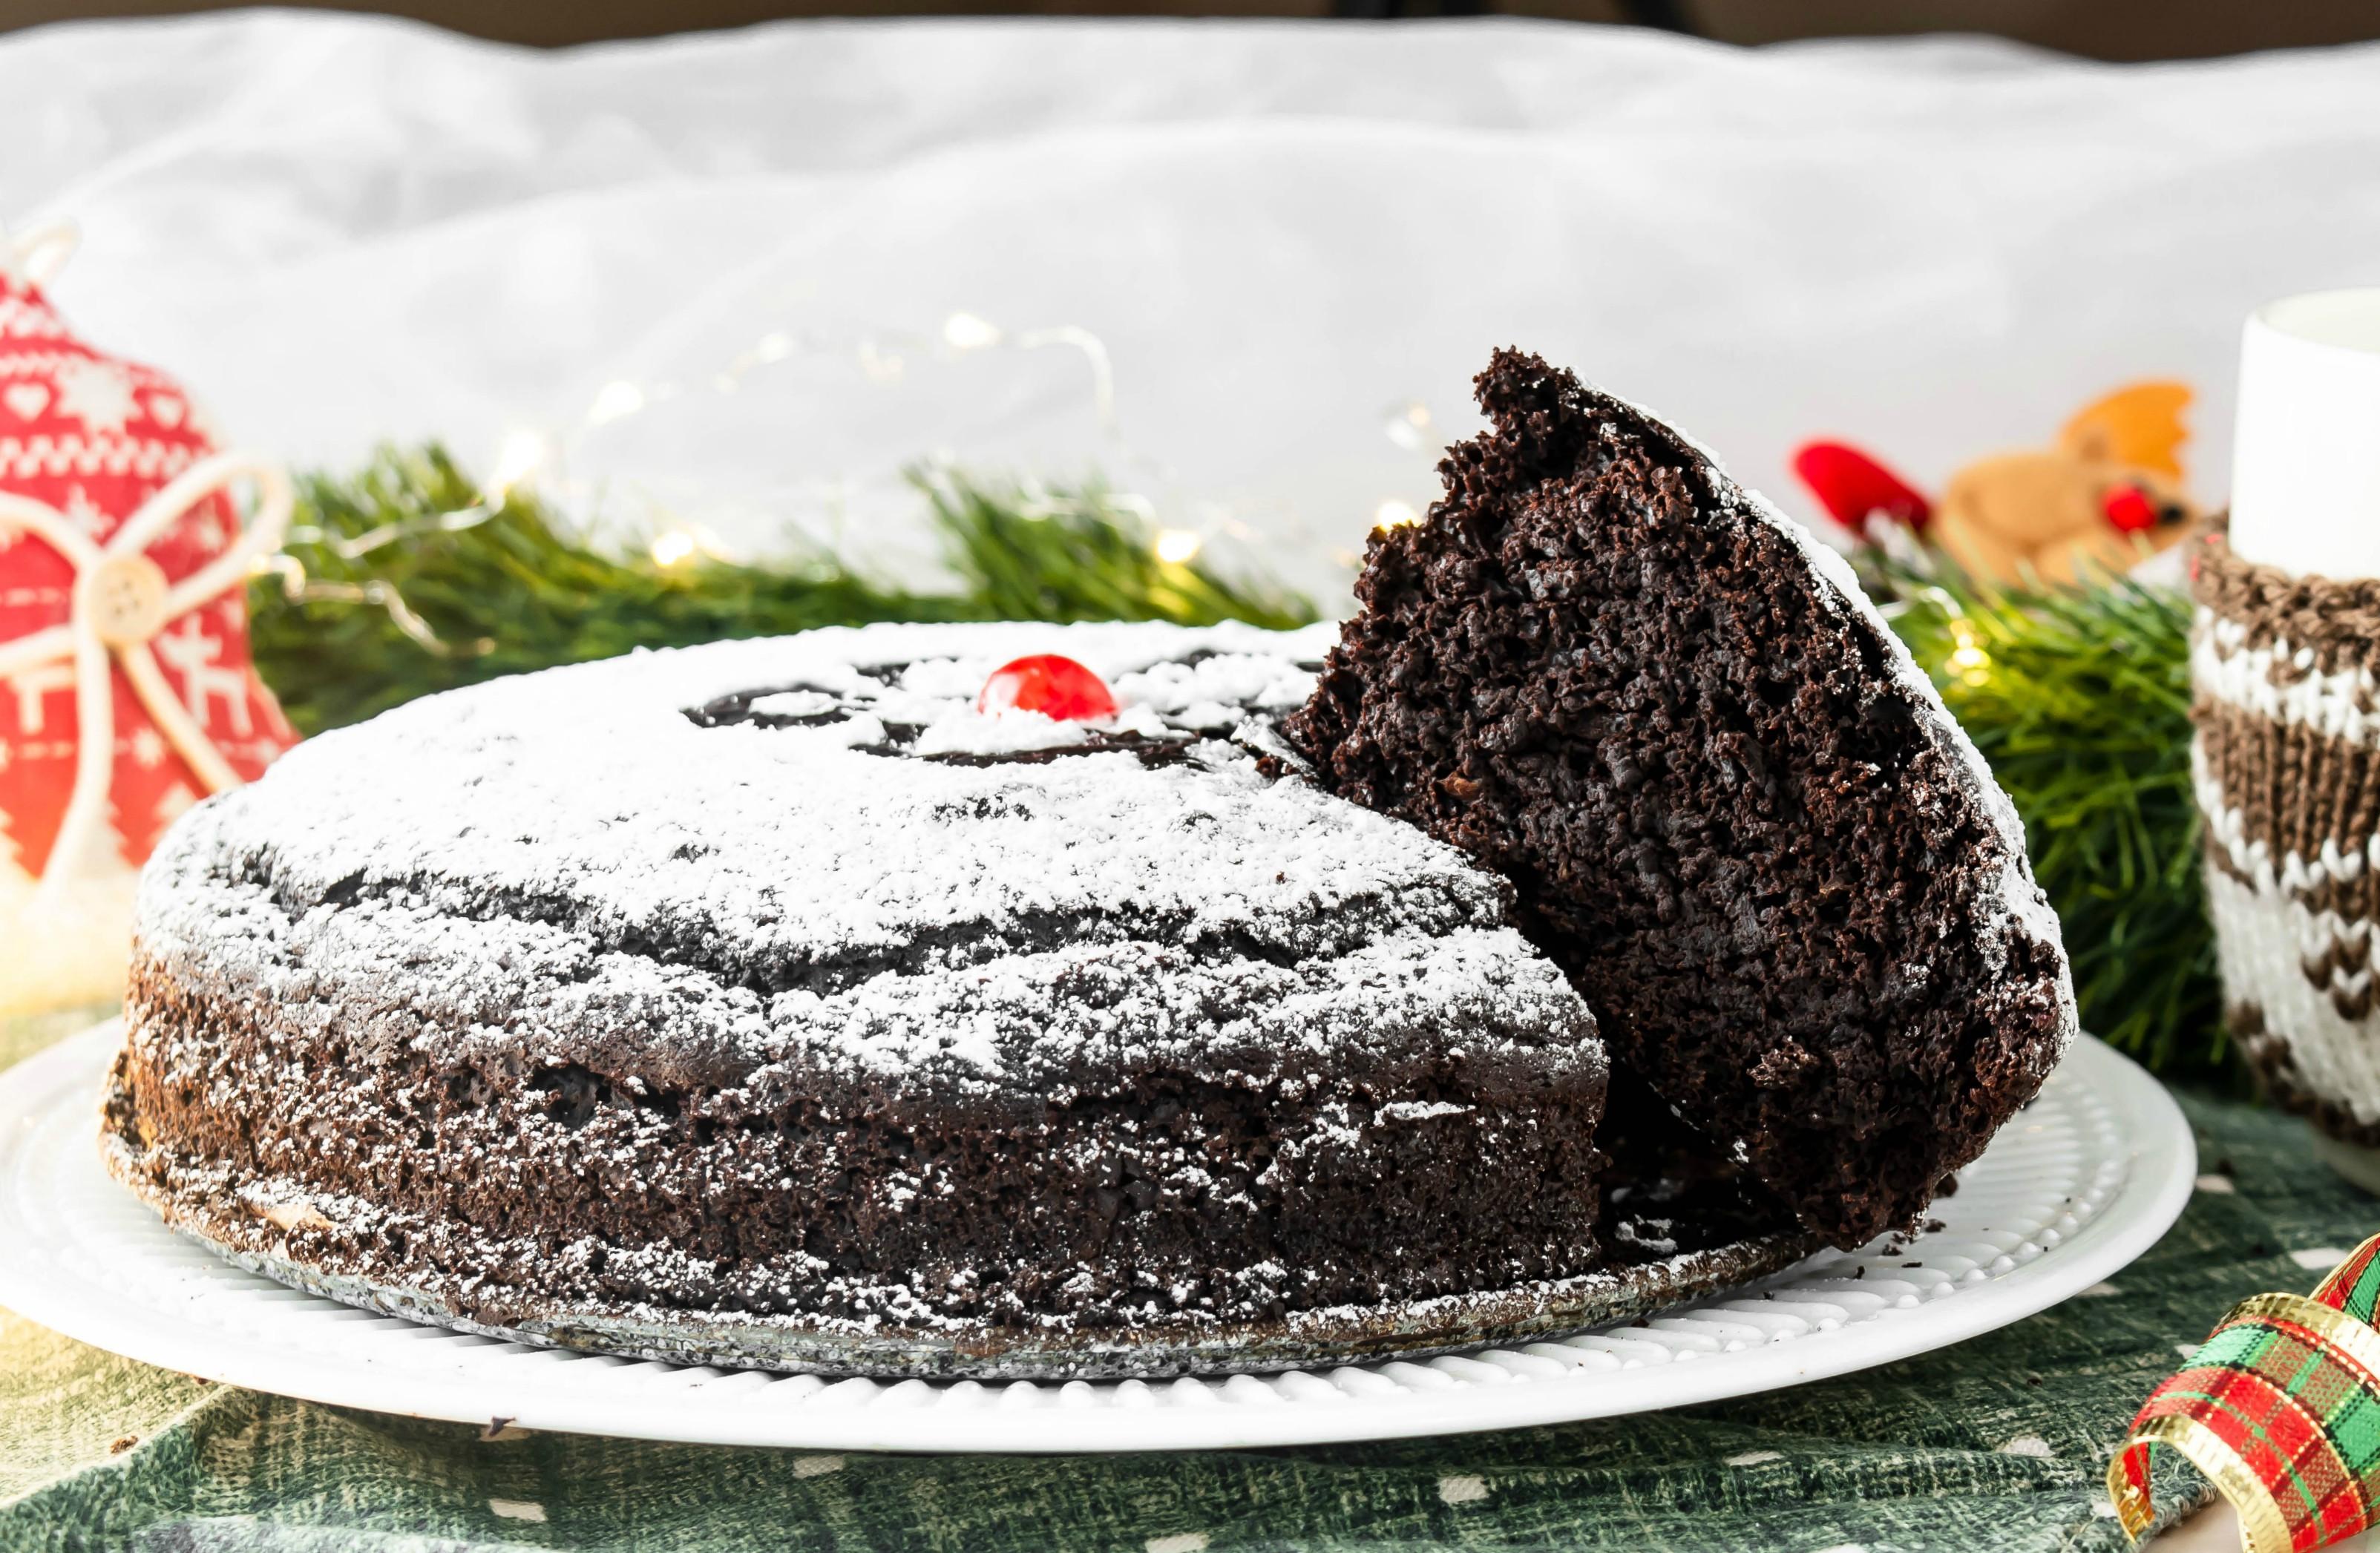 Torta al cioccolato profumata senza uova e lattosio